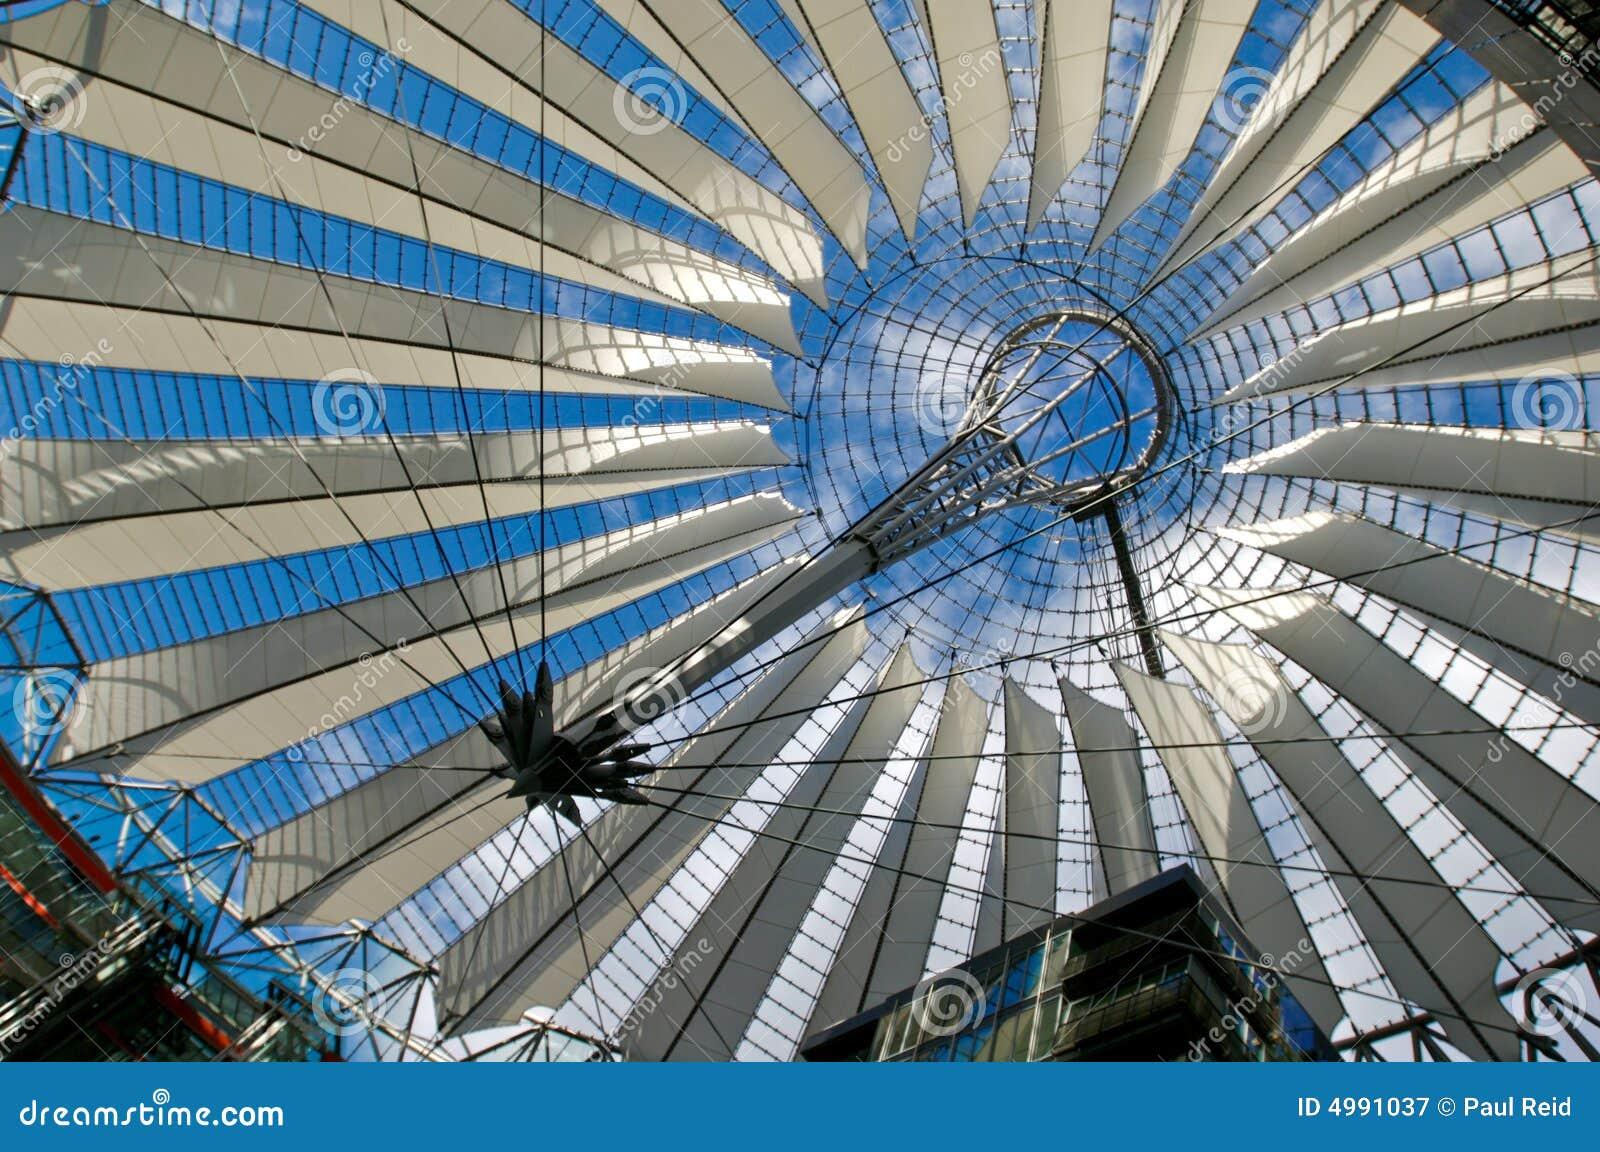 Roof at Potsdamer Platz